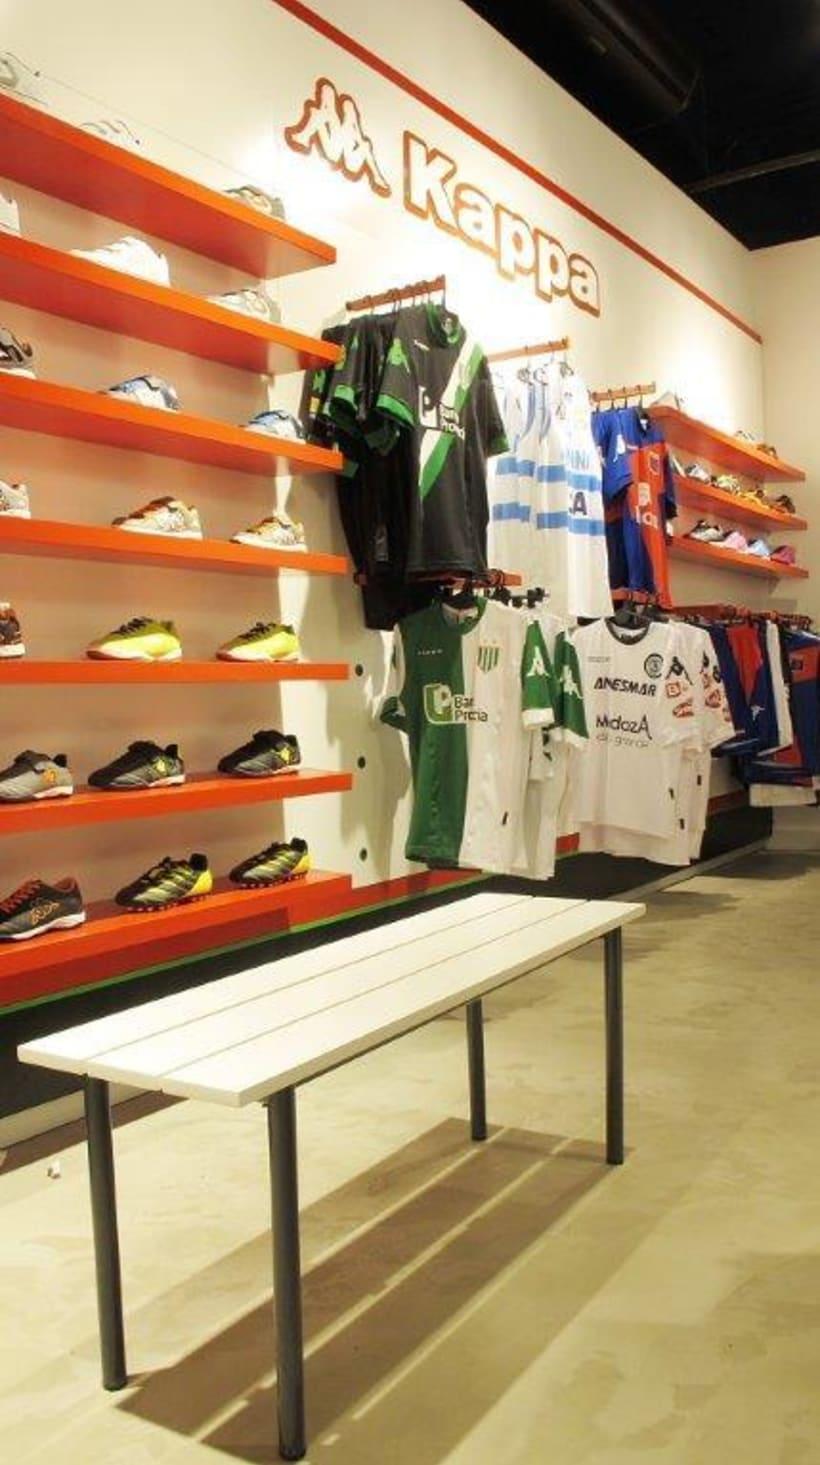 Citadium Store - Florida 436 CABA - Argentina 2